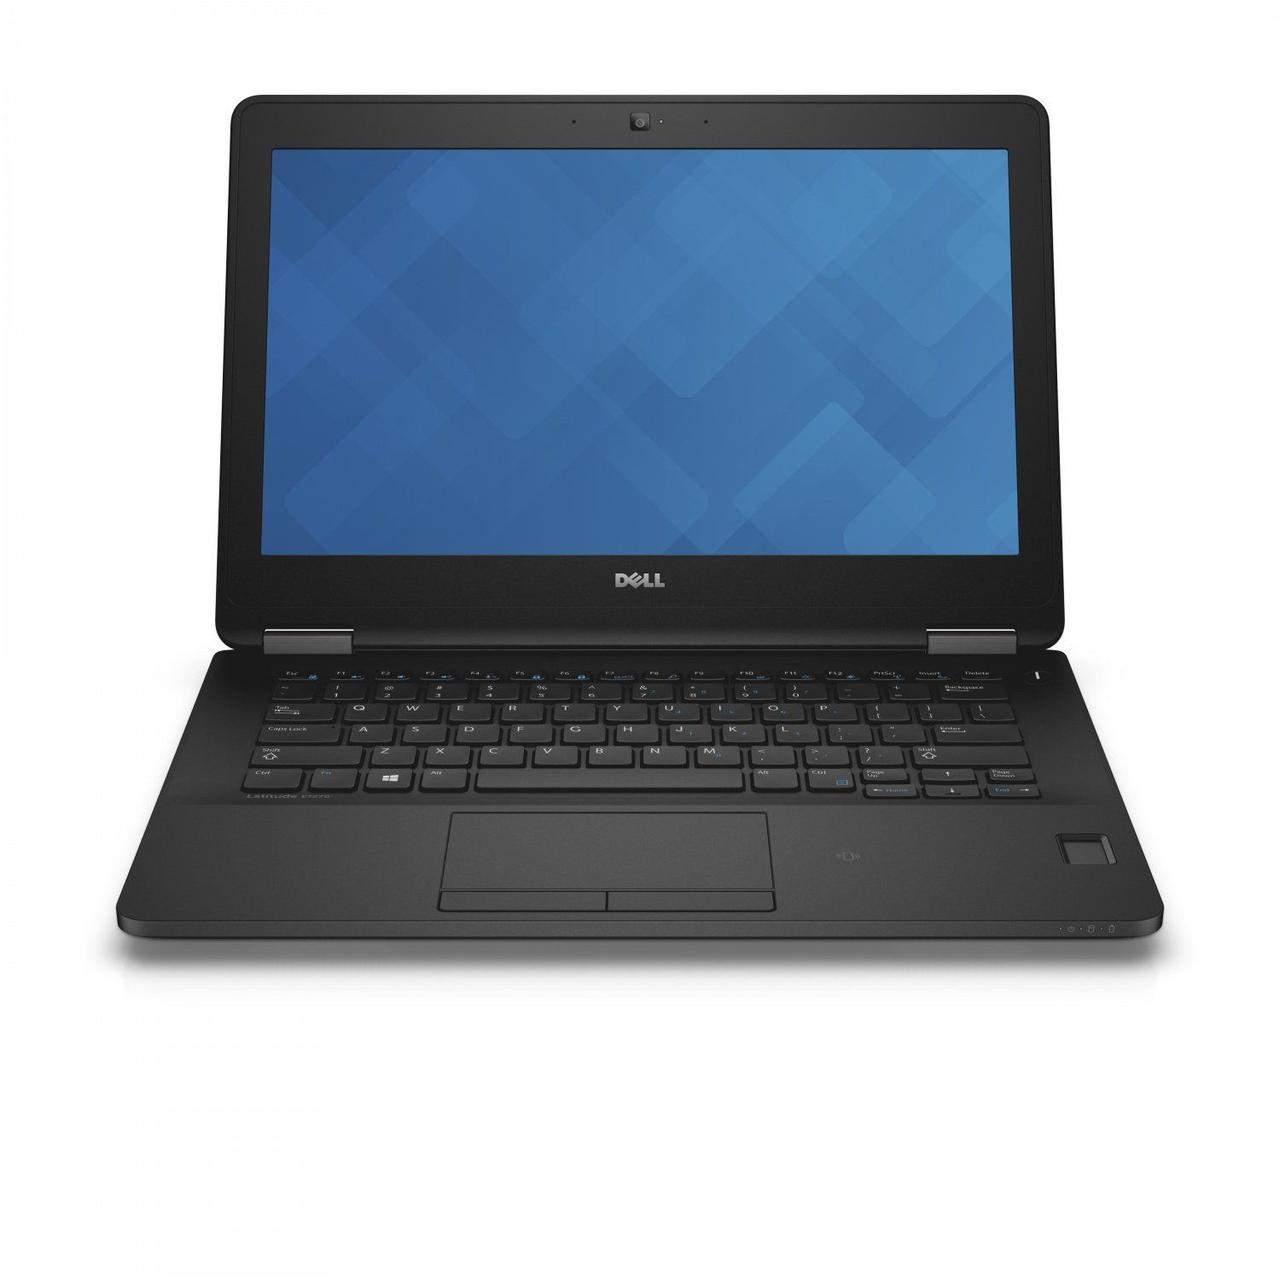 Ноутбук Dell Latitude E7270-Intel Core-I5-6300U-2.4GHz-8Gb-DDR4-128Gb-SSD-W12.5-Web-(A)- Б/В